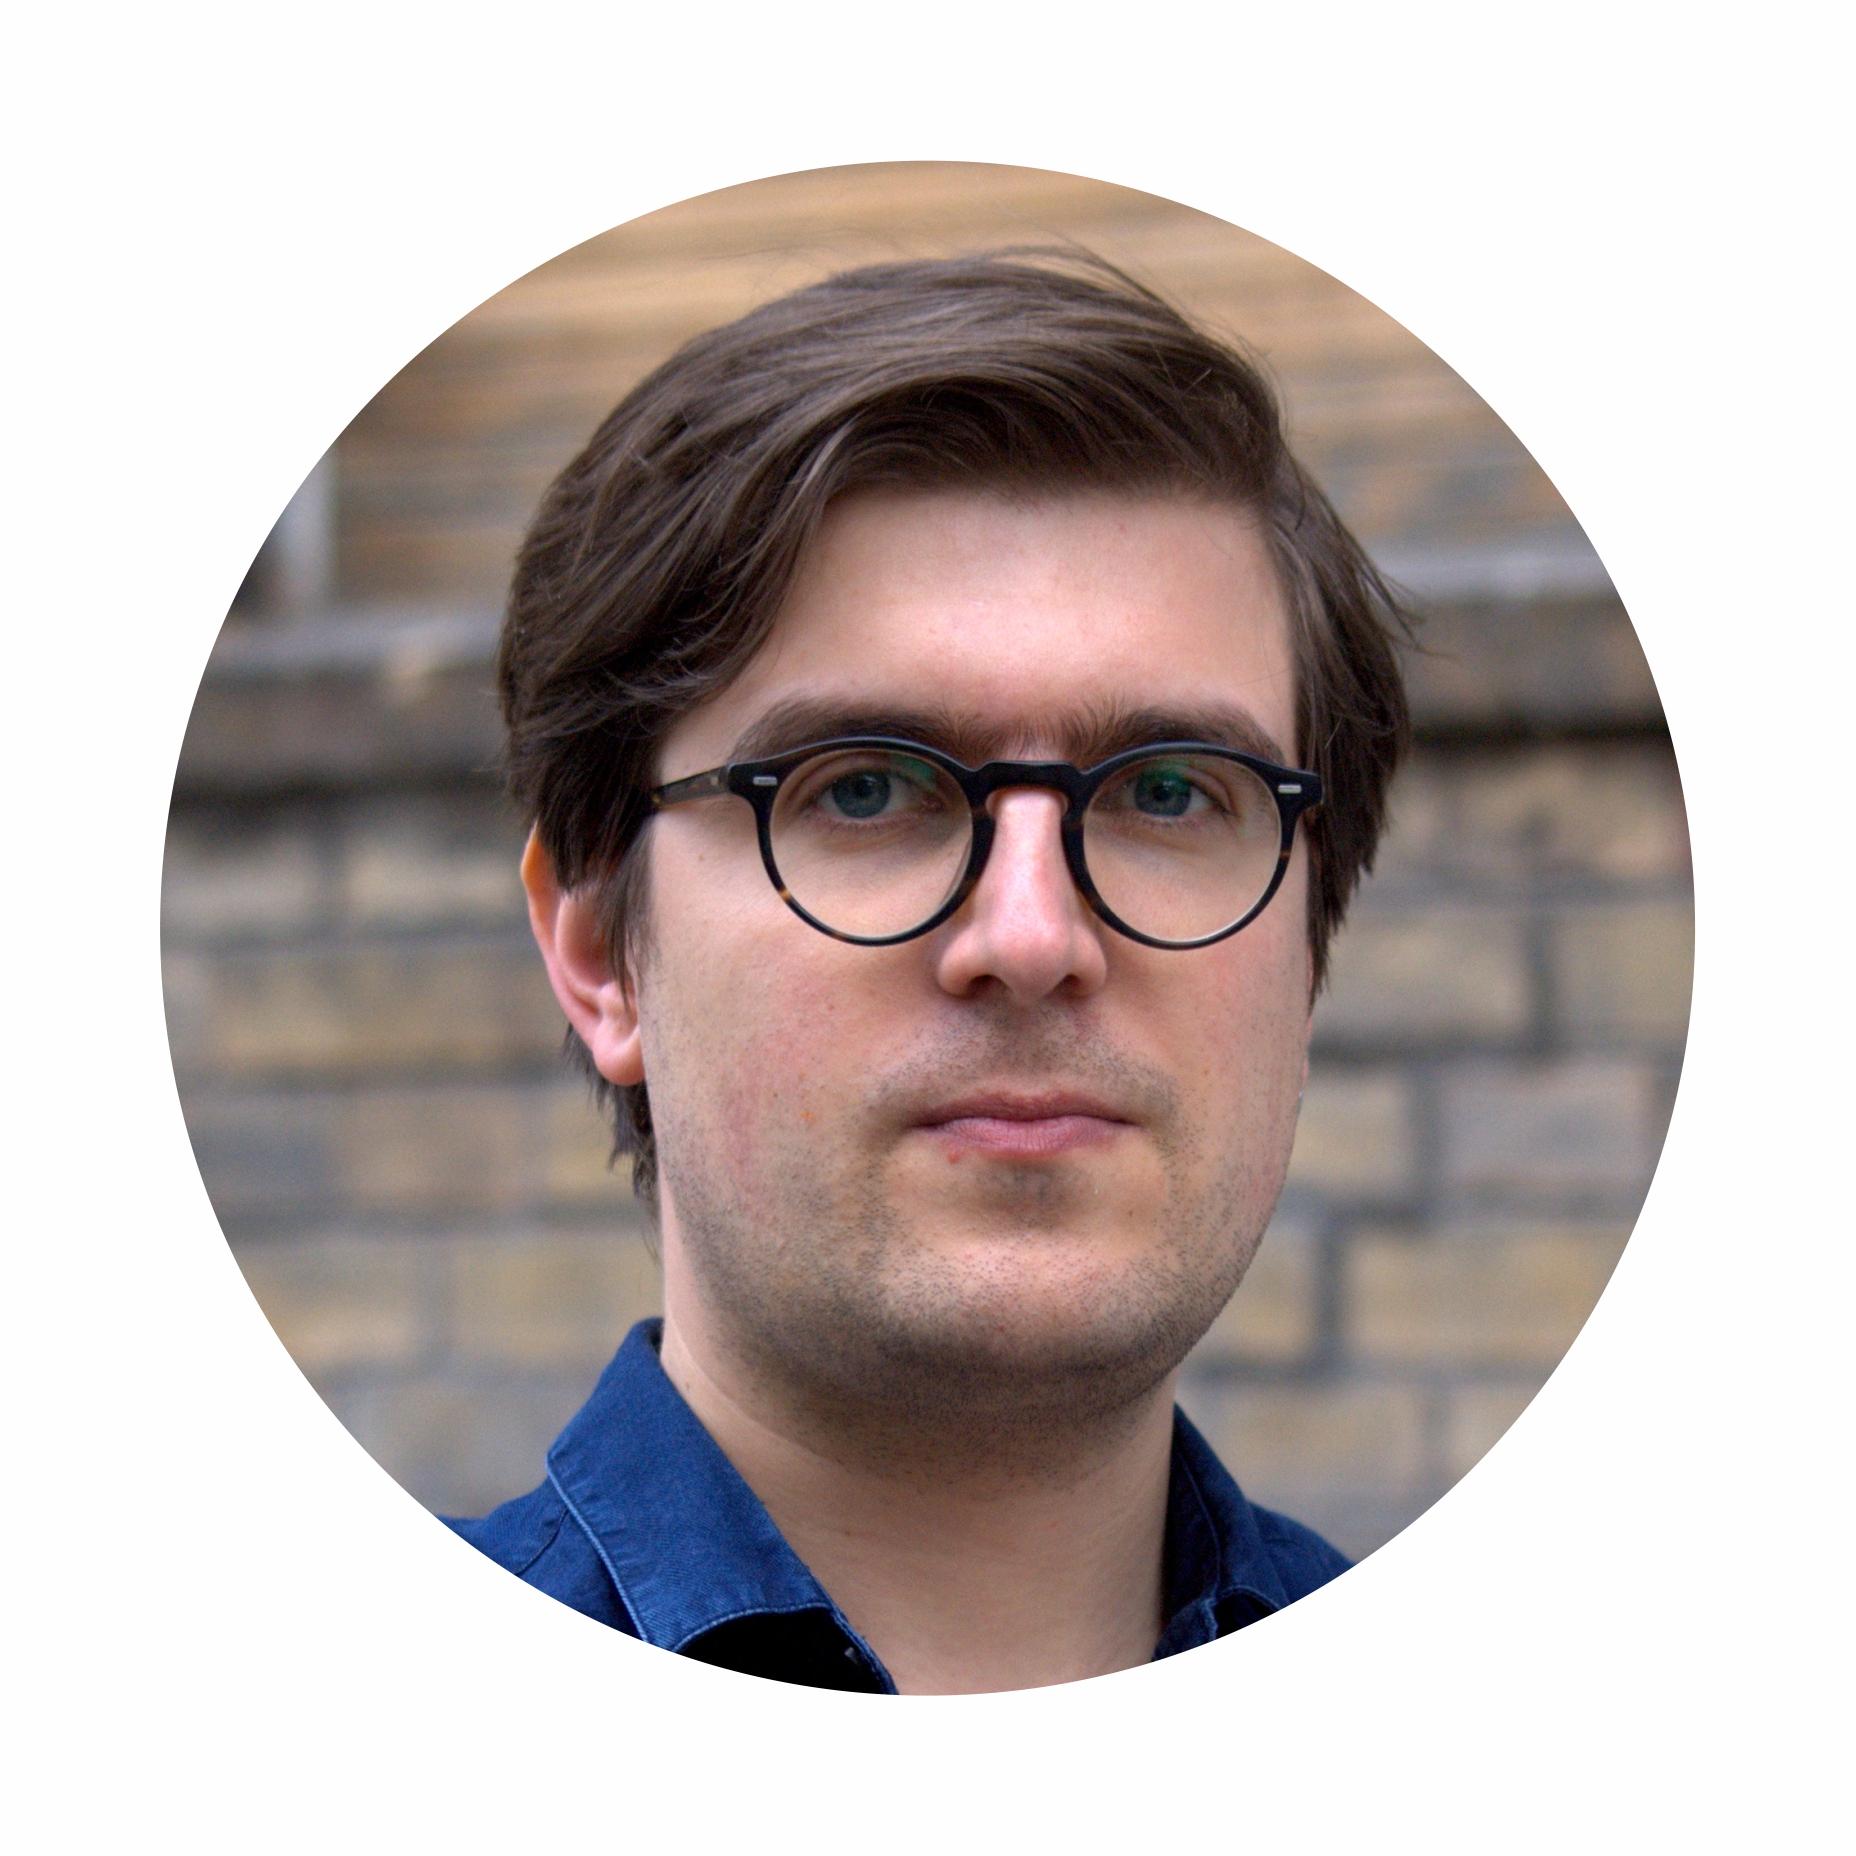 <b>Иван Болдырев</b> — профессор университета Неймегена, научный сотрудник университета Бохума, философ, историк идей и п